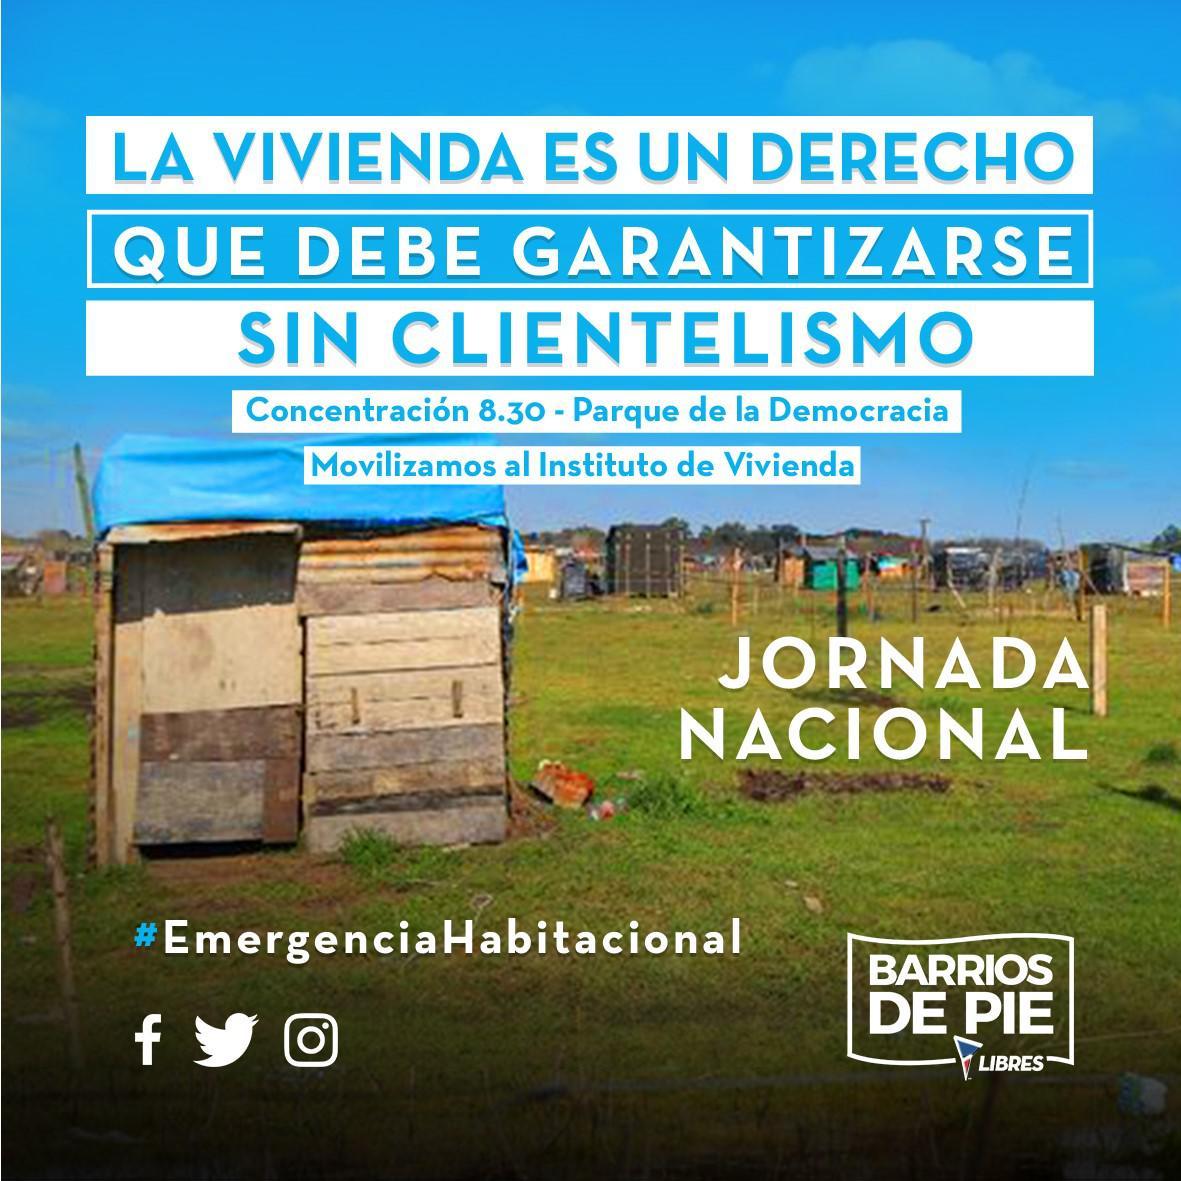 Barrios-de-Pie-La-vivienda-es-un-derecho-21-02-11-01